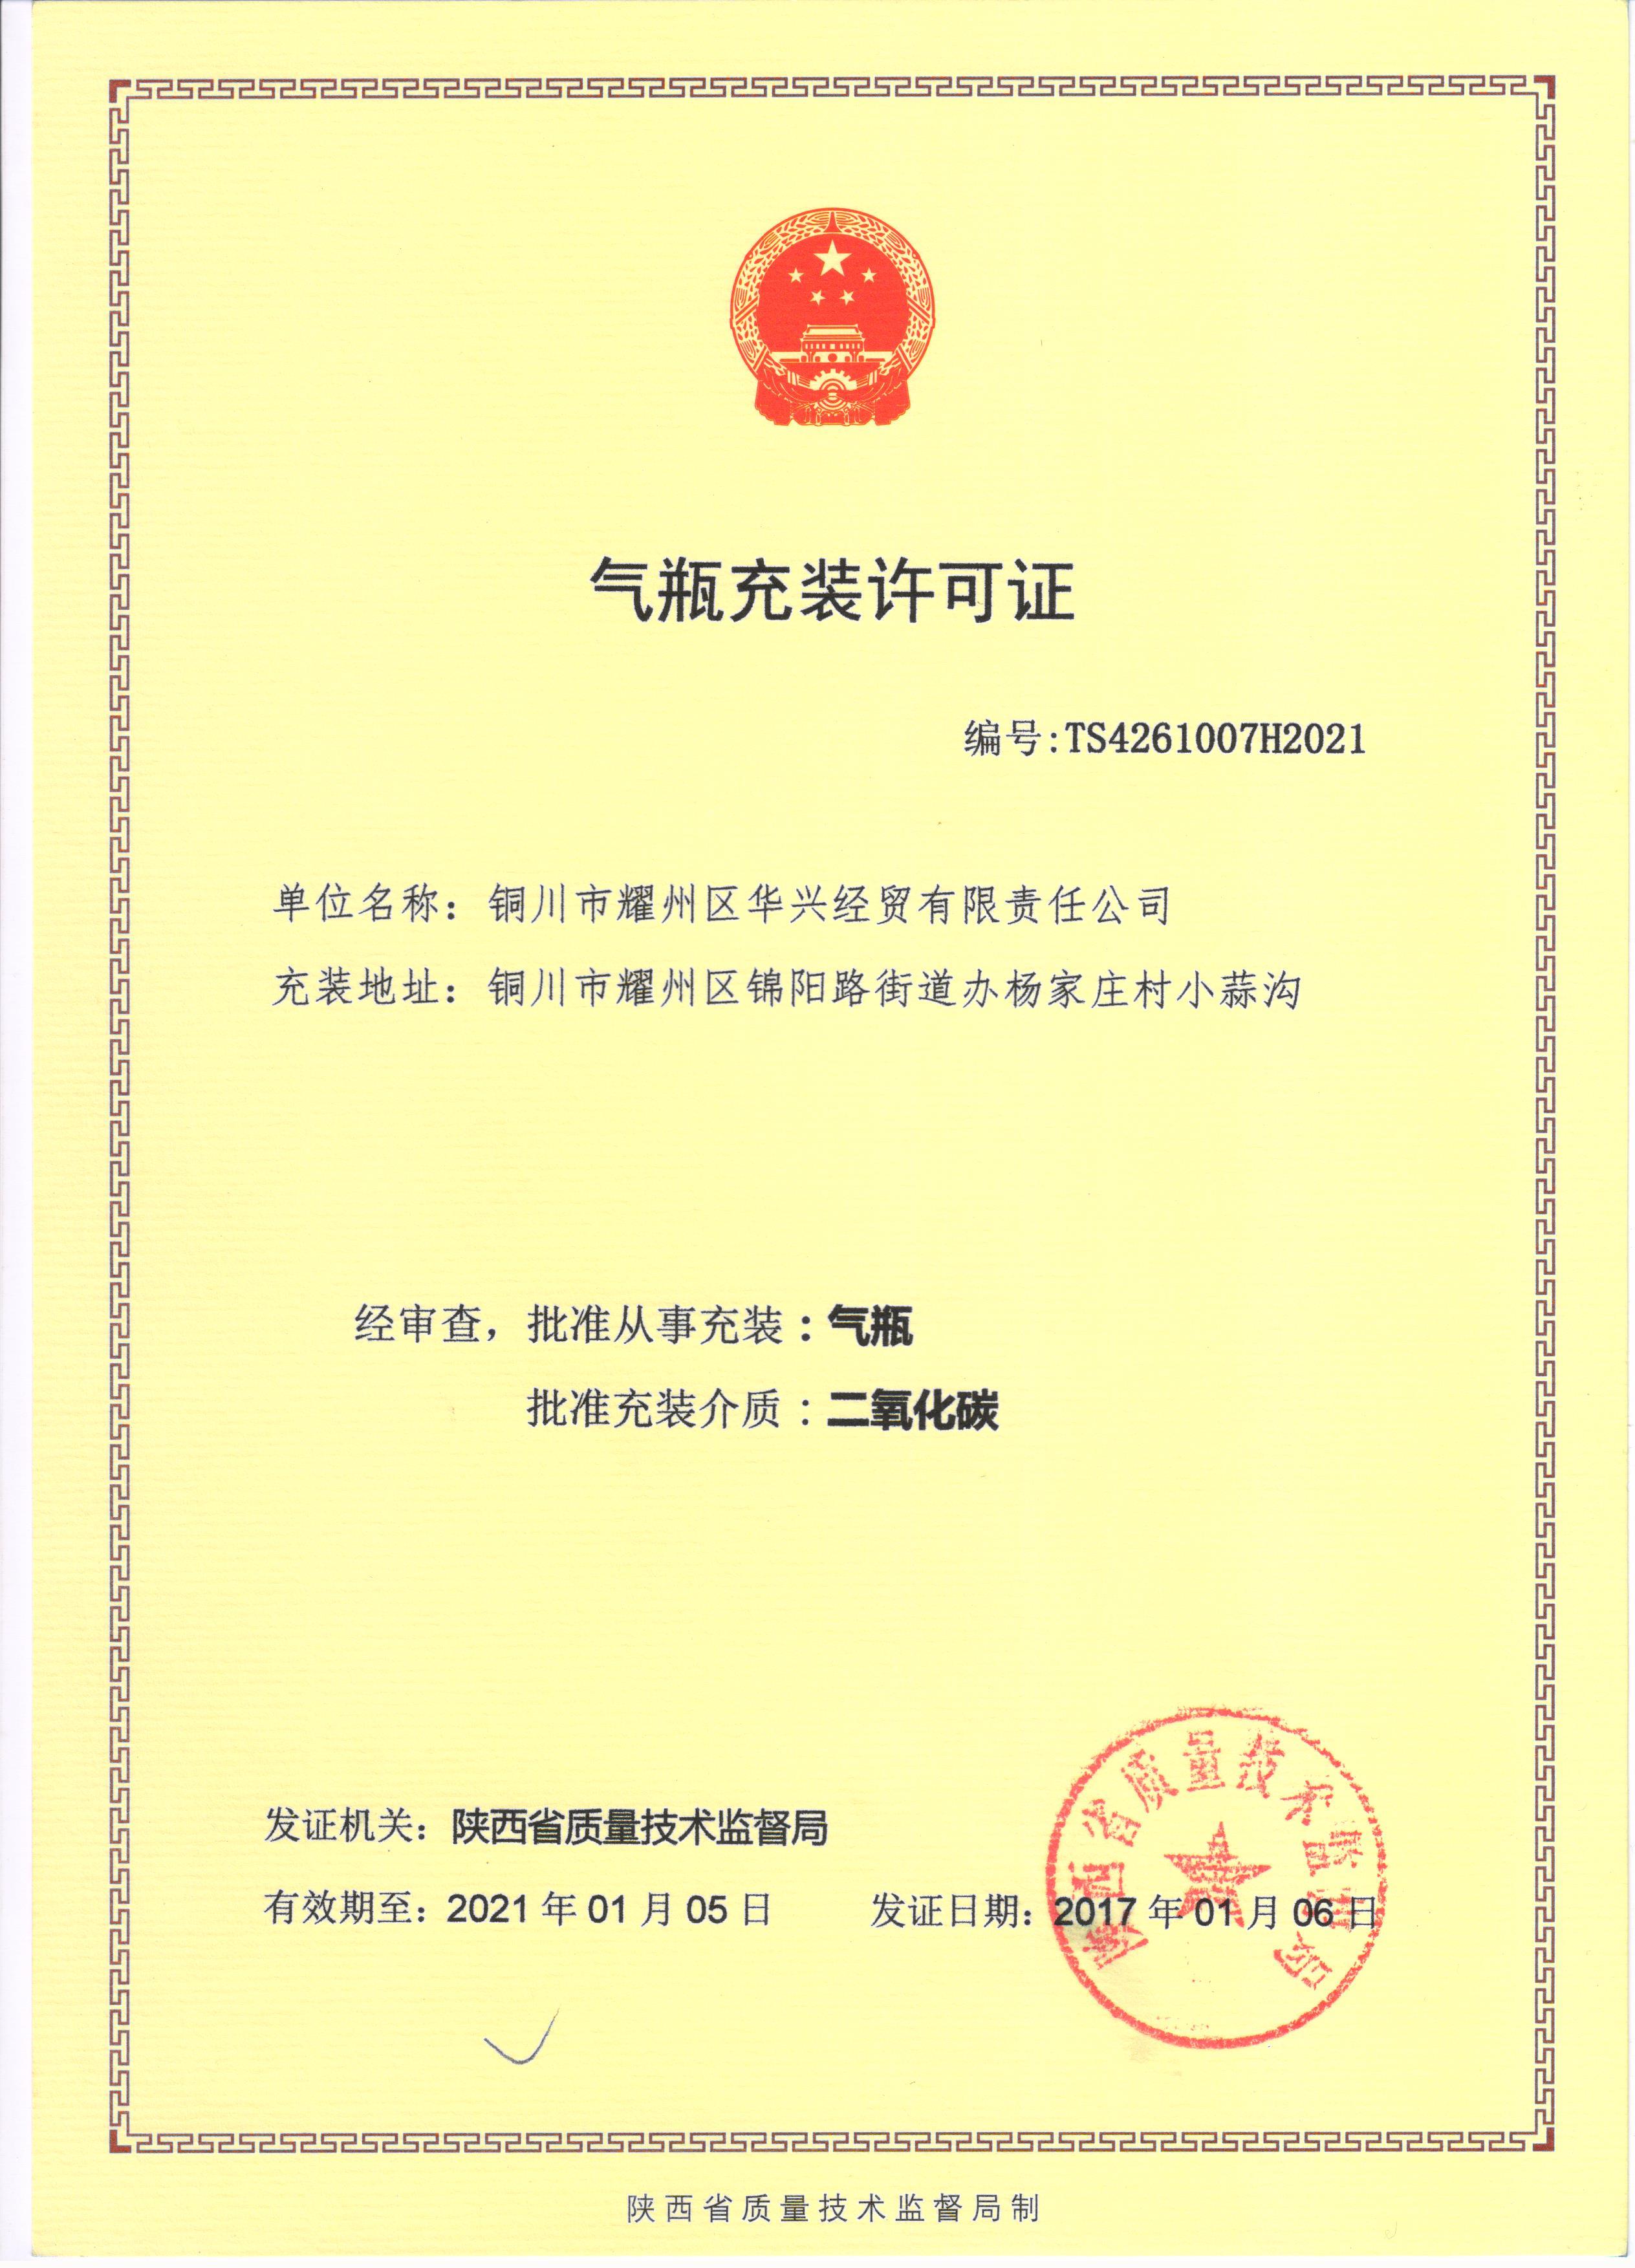 铜川市耀州区华兴经贸有限责任公司气瓶充装许可证